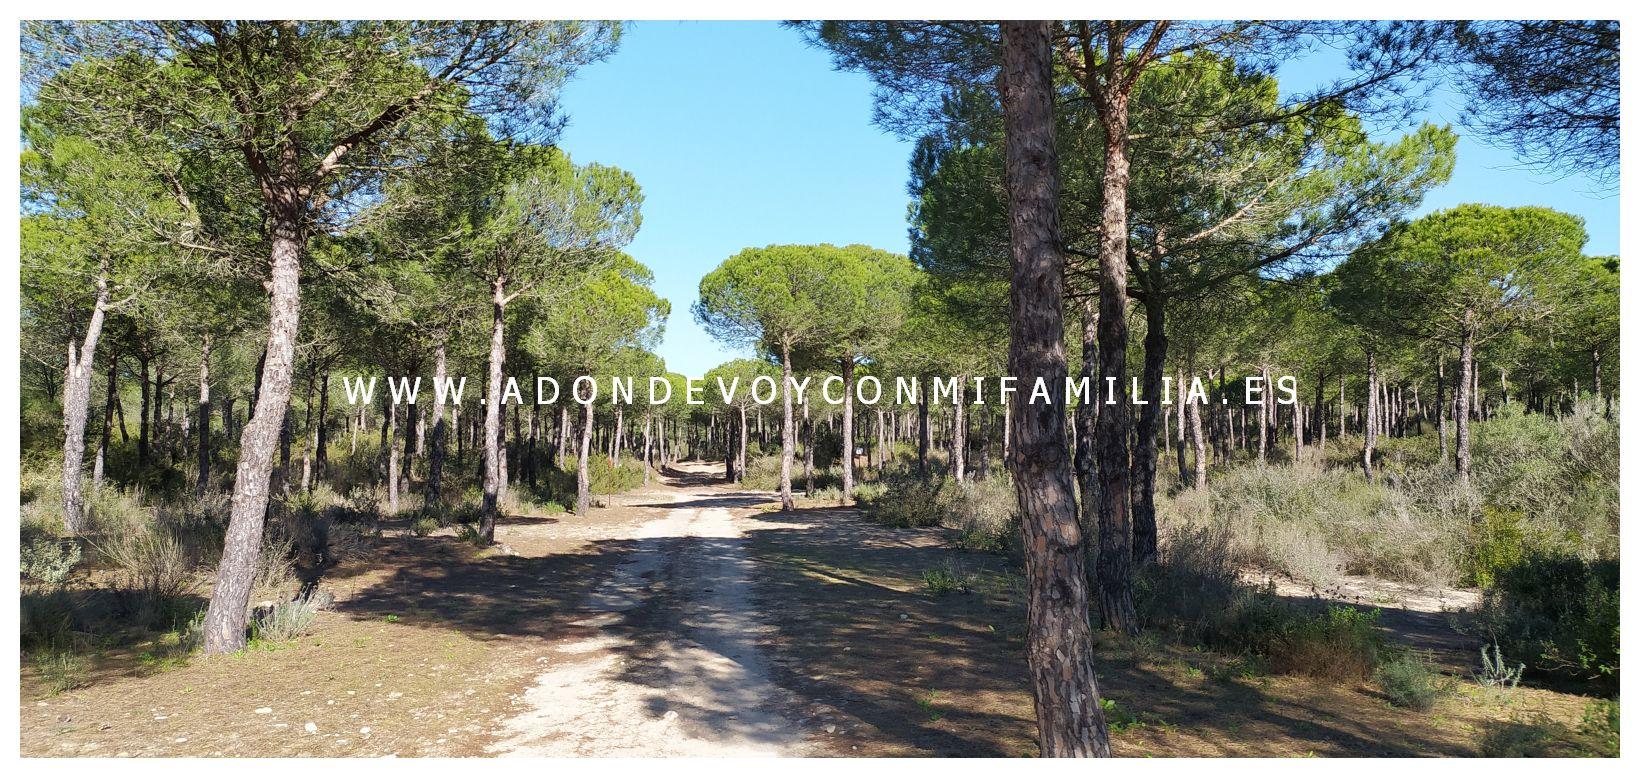 sendero cerro del aguila pinar de la algaida sanlucar adondevoyconmifamilia 13